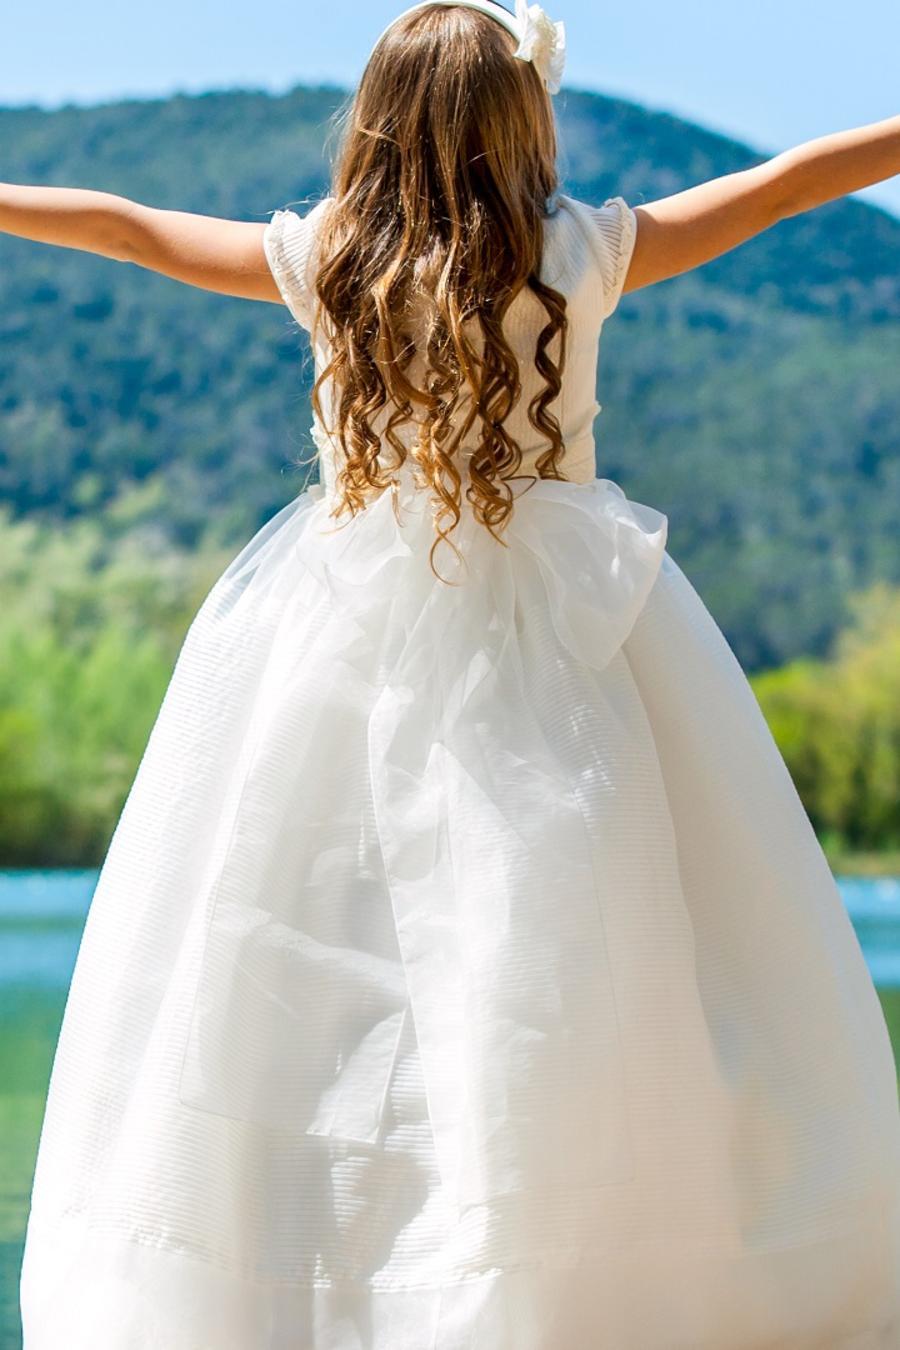 Niña con vestido blanco abriendo los brazos y viendo hacia un lago